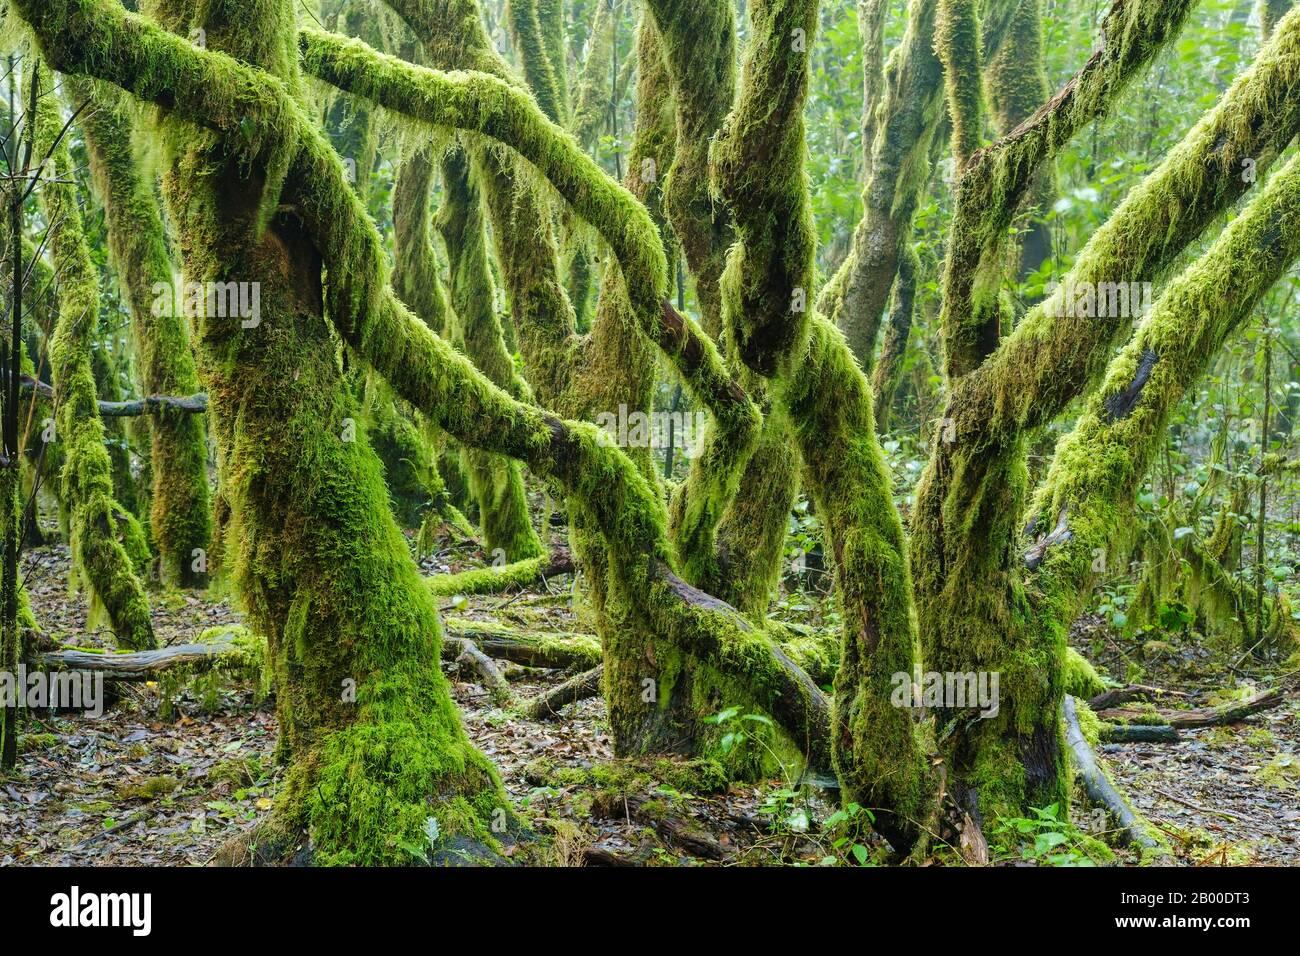 Árboles recubiertos de musgos en bosque nuboso, Parque Nacional Garajonay, la Gomera, Islas Canarias, España Foto de stock